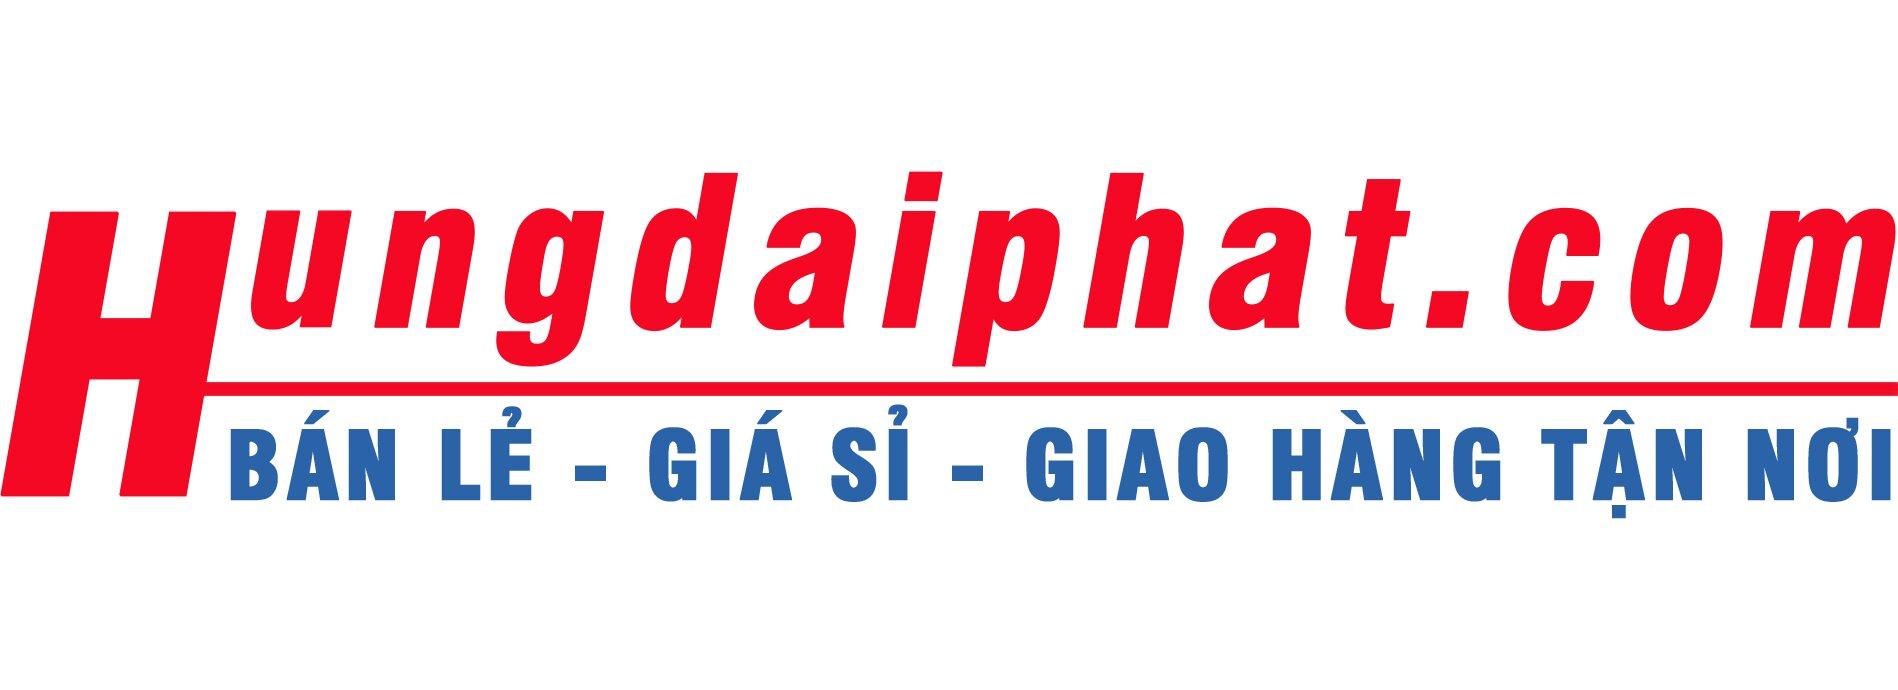 hungdaiphat.com